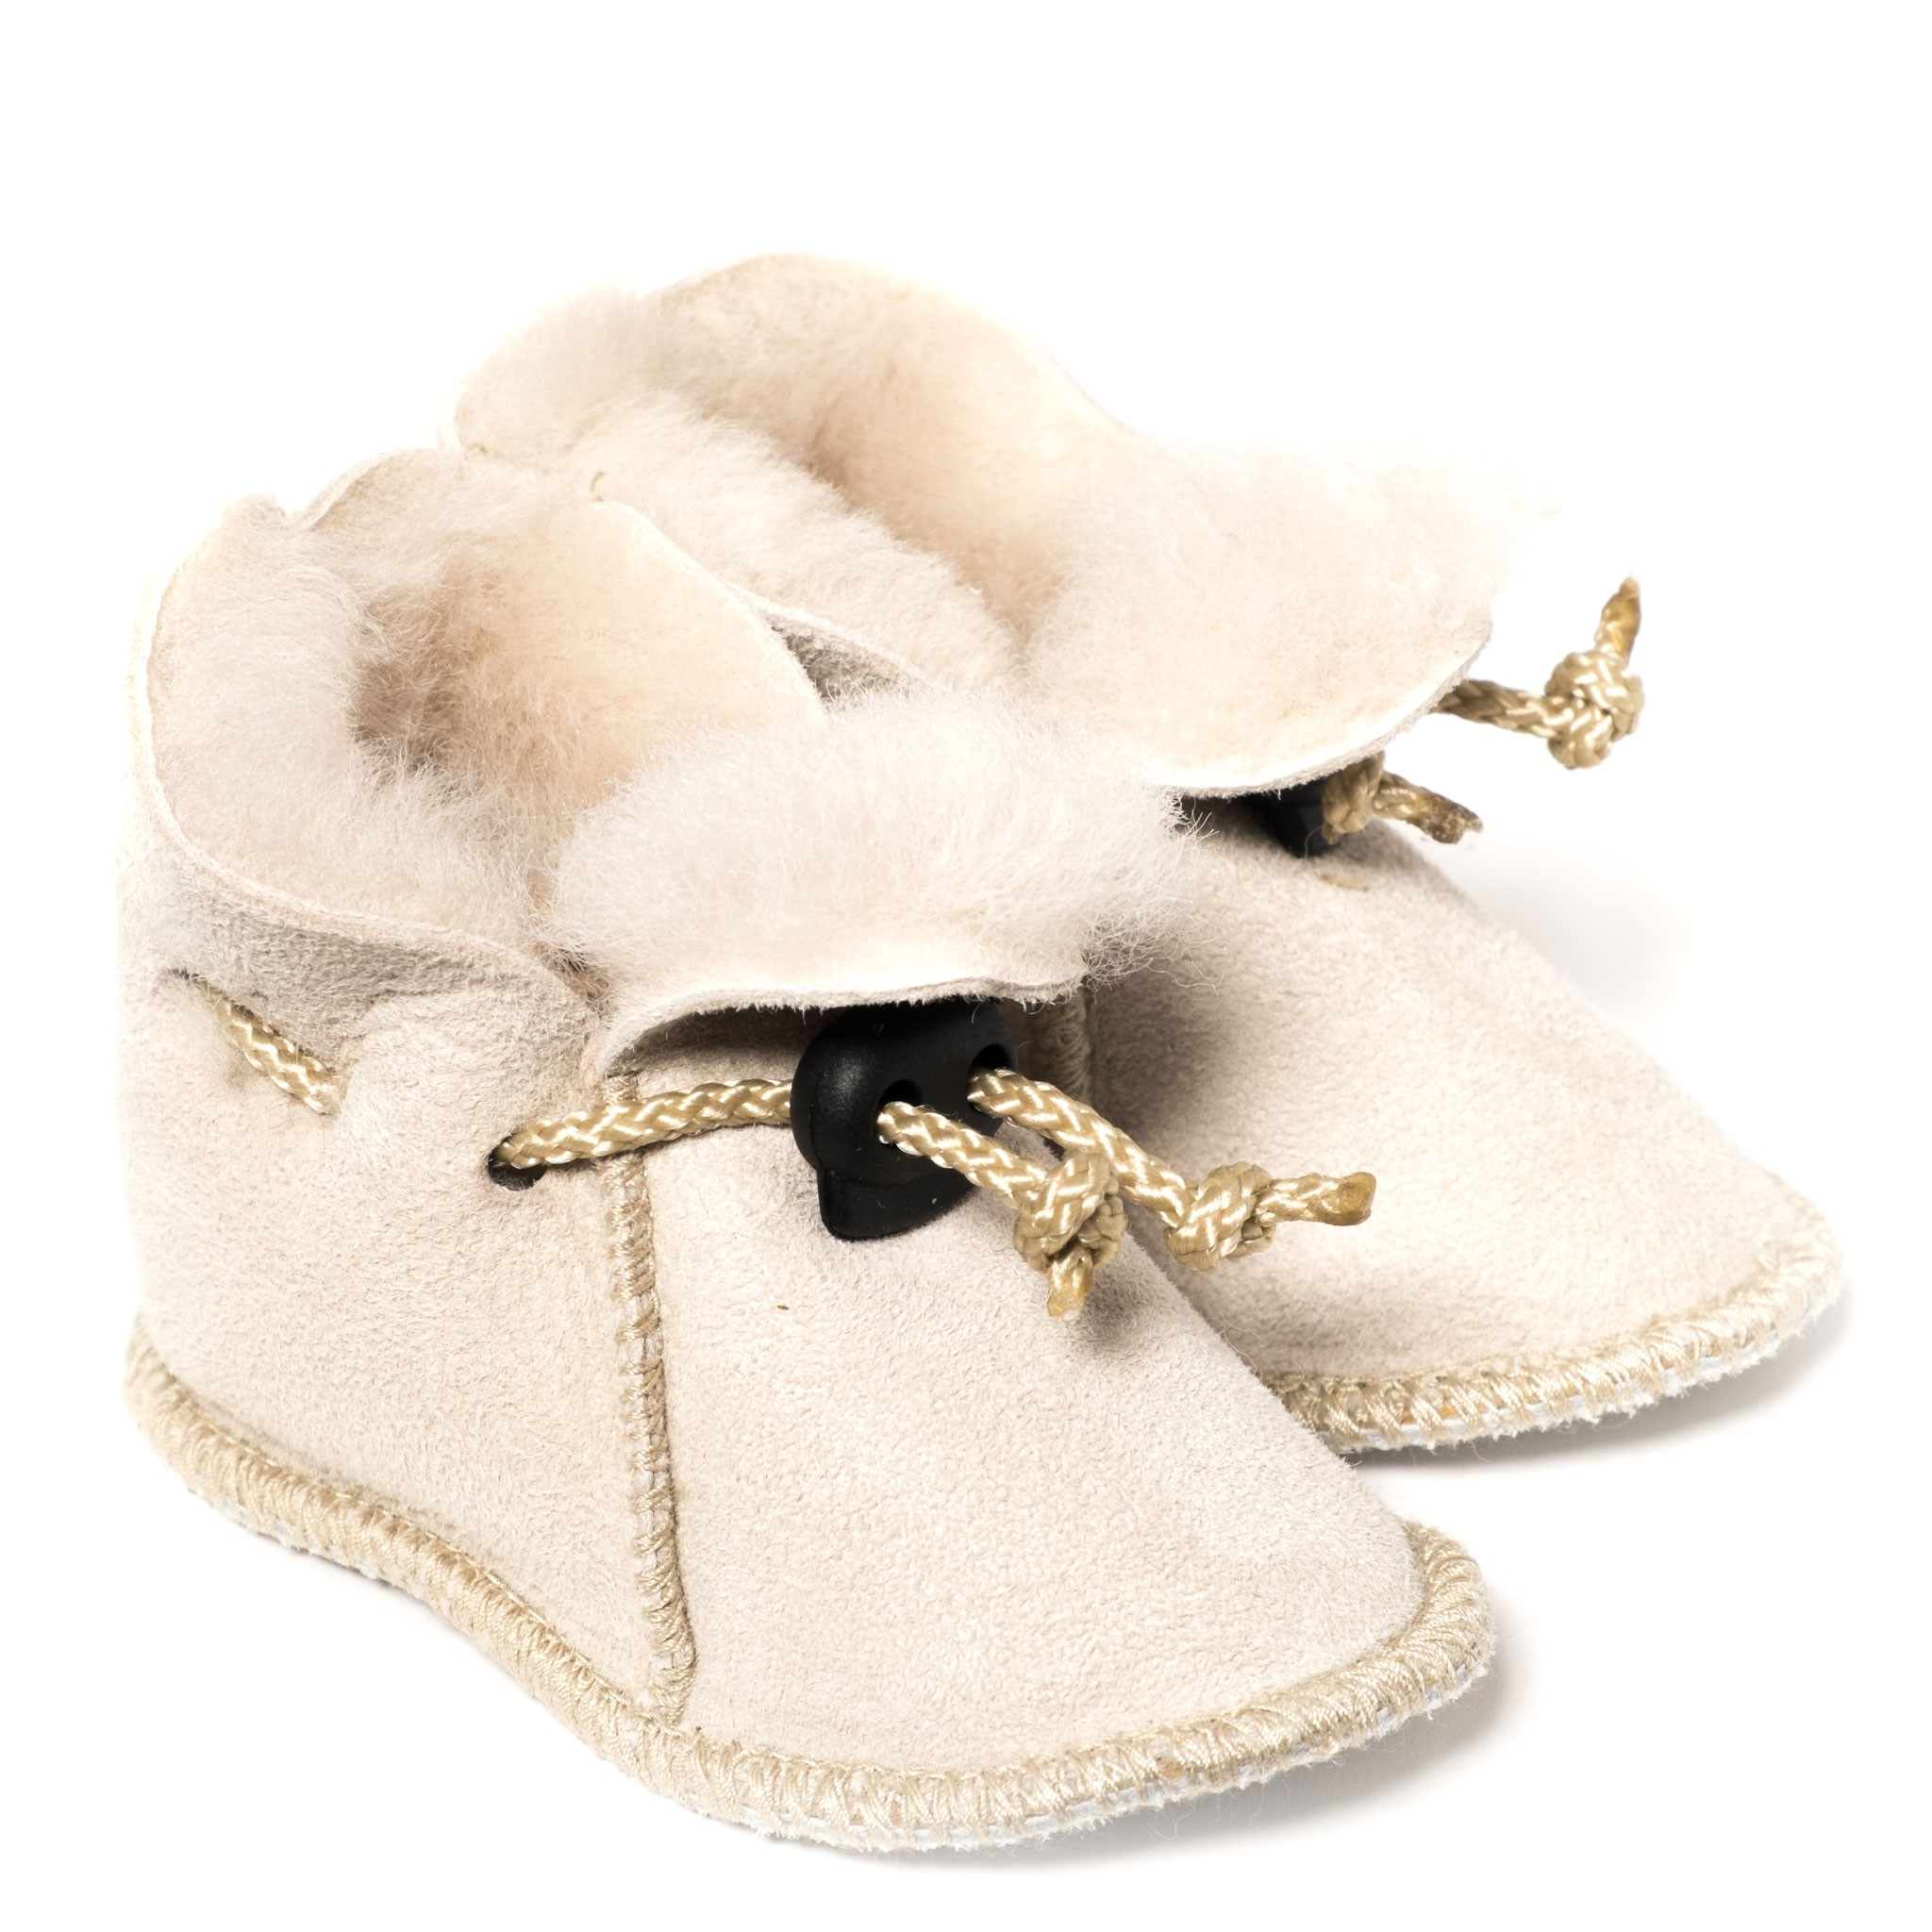 a0f48f89c9205 Chaussons en peau de mouton pour bébé - Naturel clair